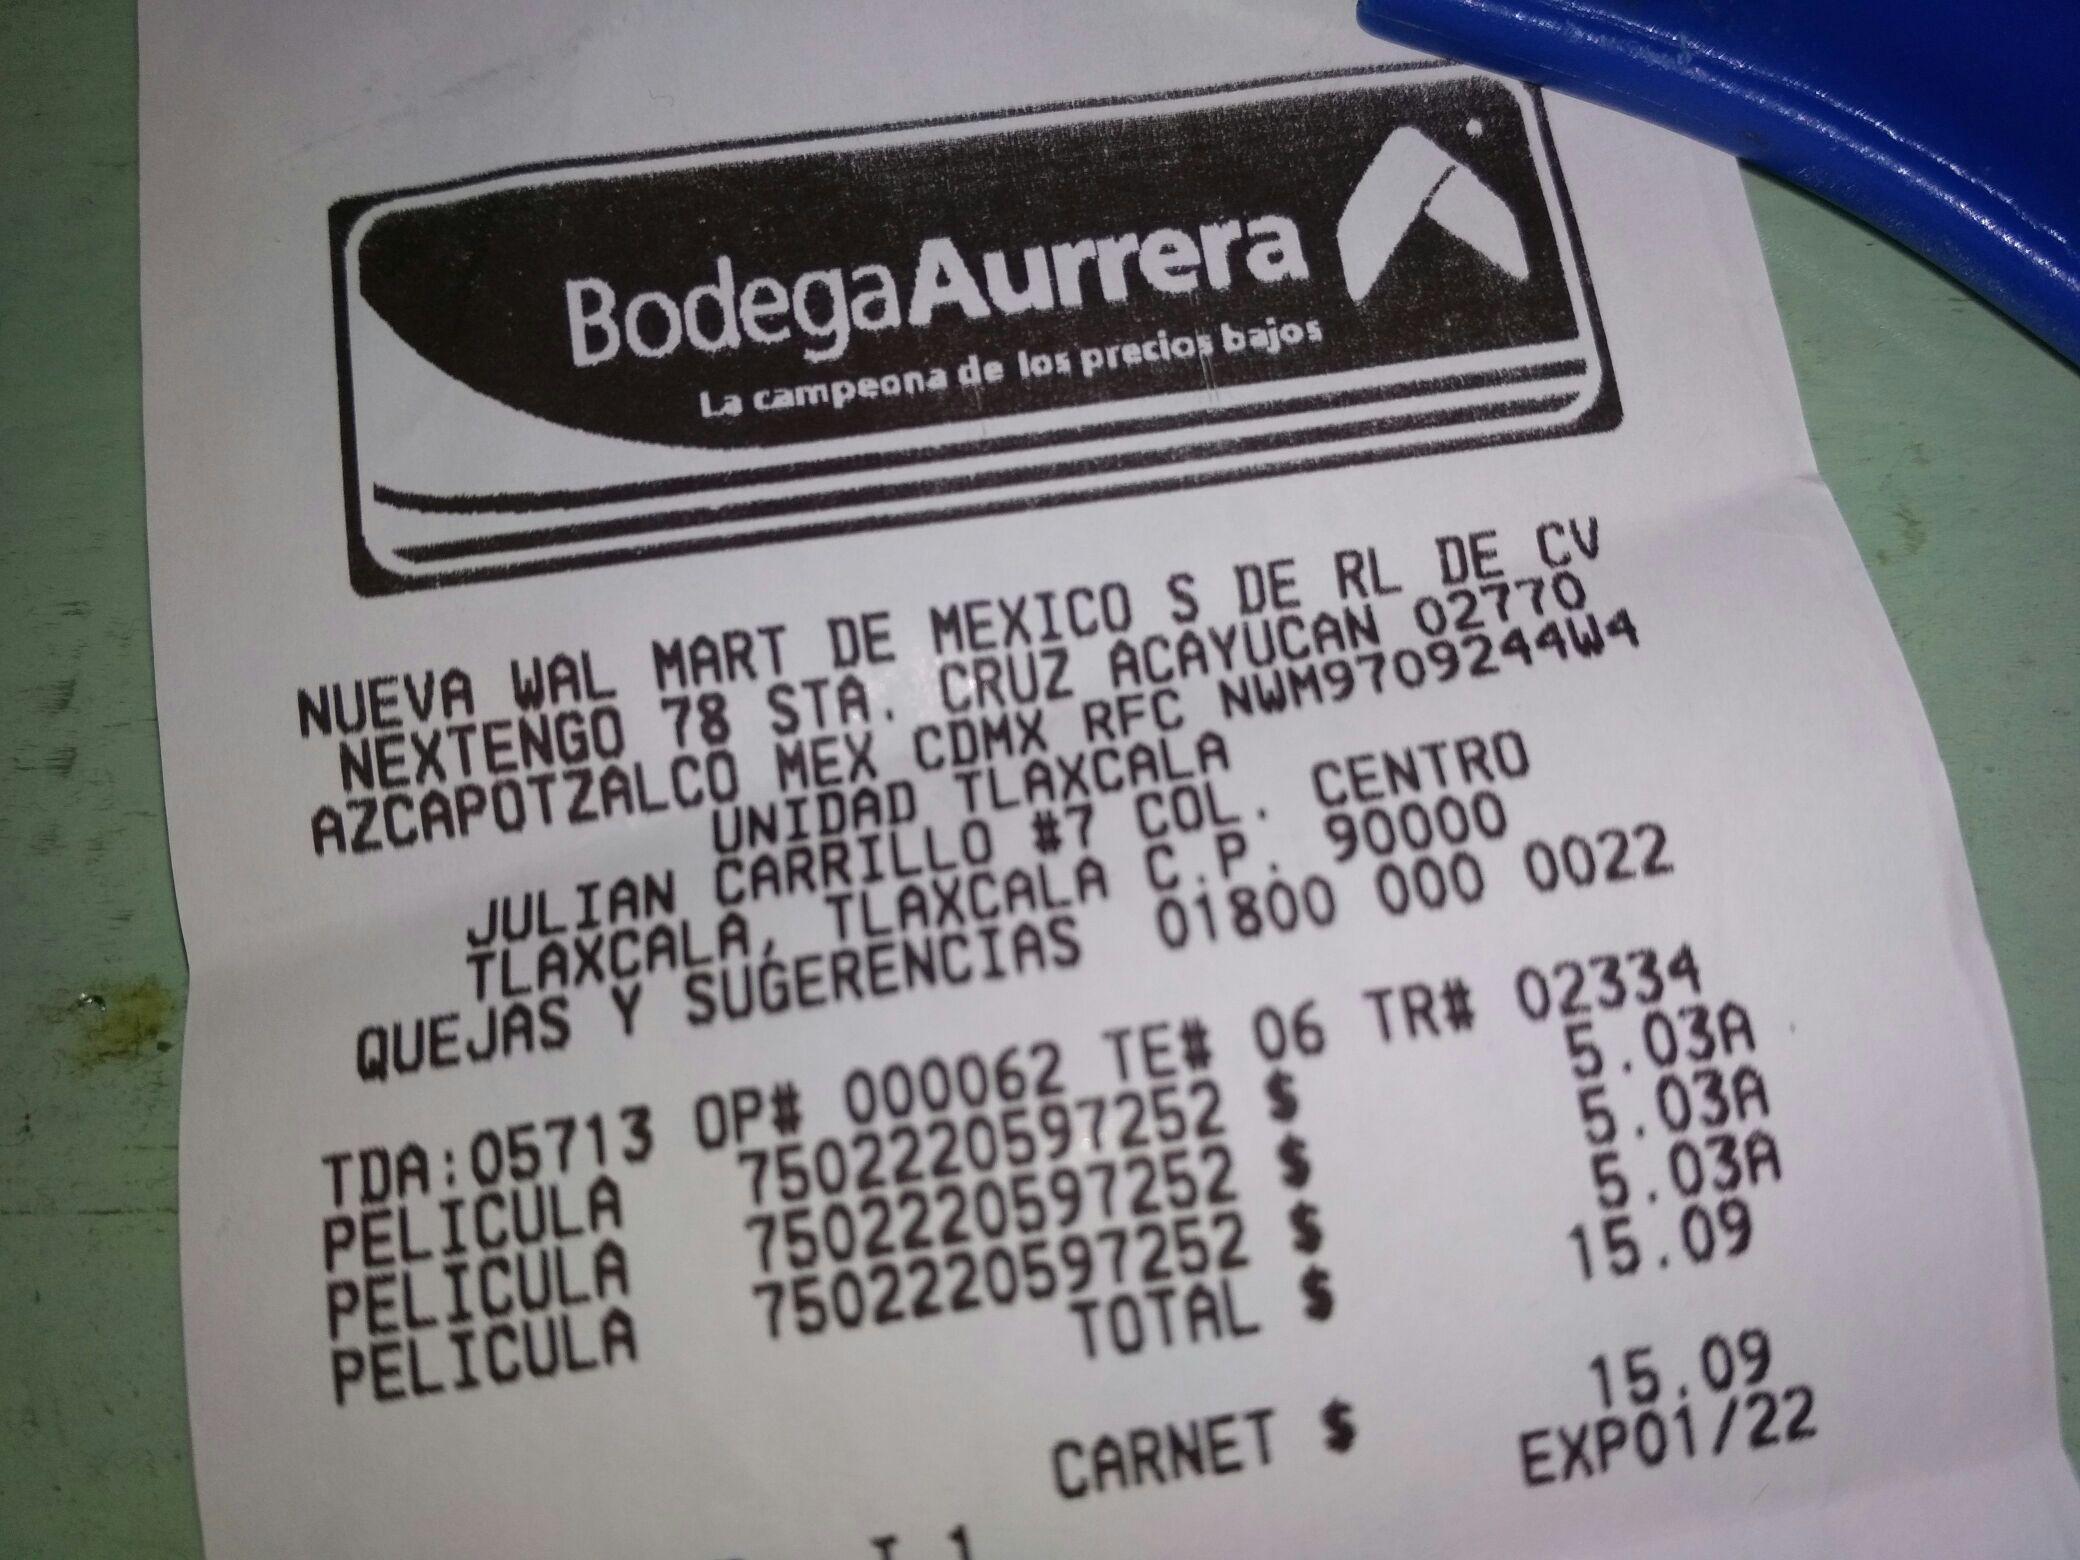 Bodega Aurrera Tlaxcala Centro: Películas DVD descuento (ej. The Office Primera temporada en 5.01)